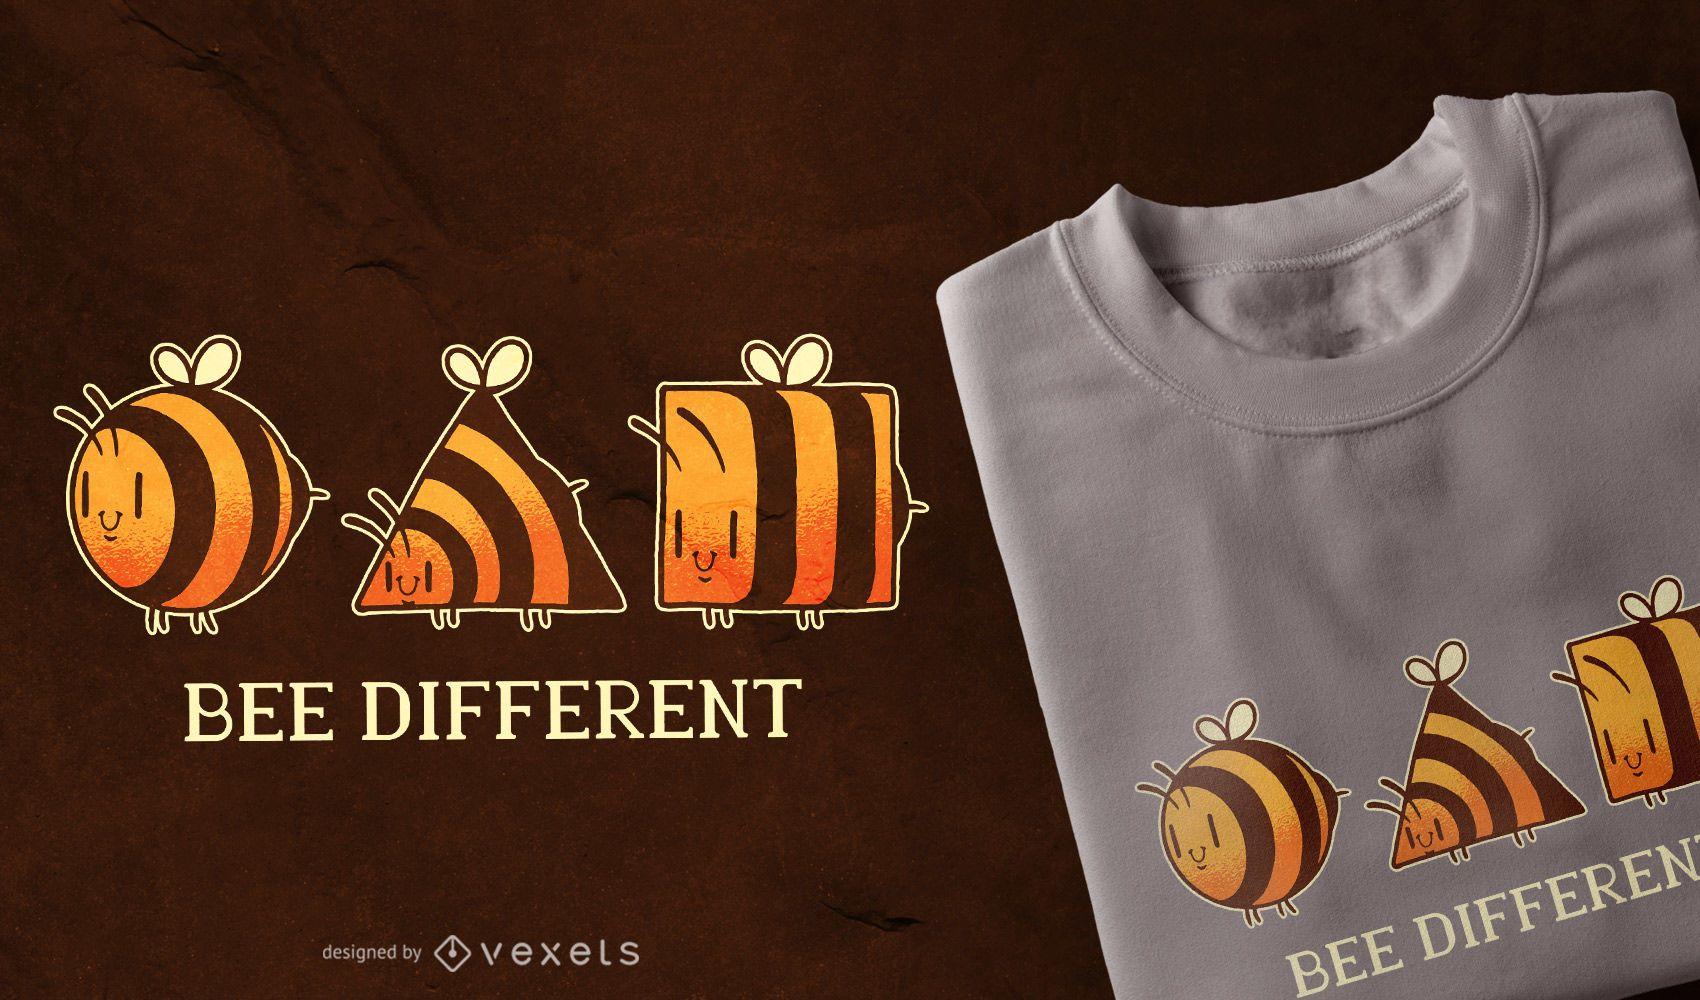 Dise?o de camiseta diferente de abeja.